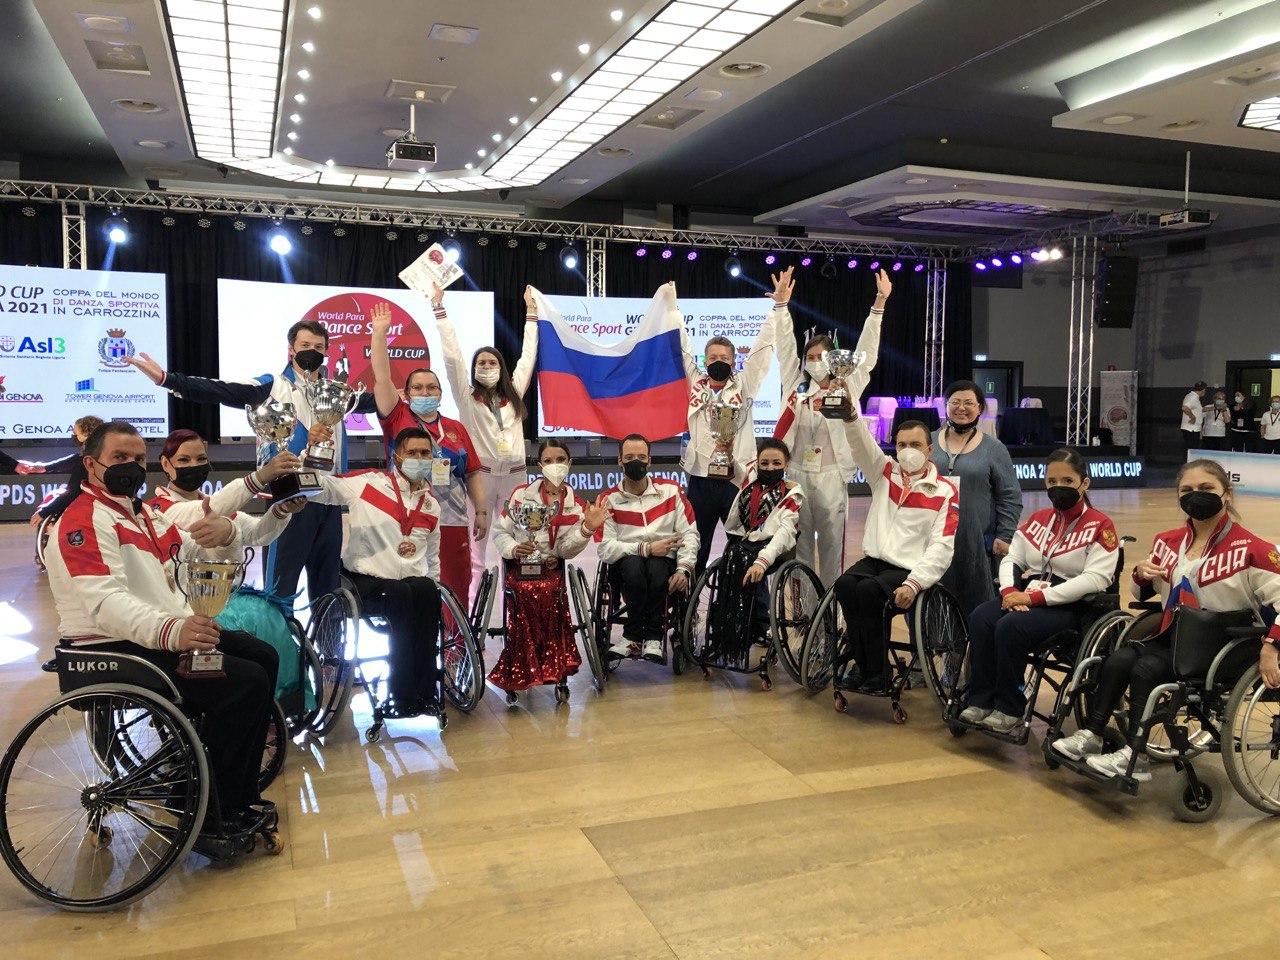 Сборная команда России завоевала 7 золотых, 5 серебряных и 3 бронзовые медали на Кубке мира по танцам на колясках в Италии